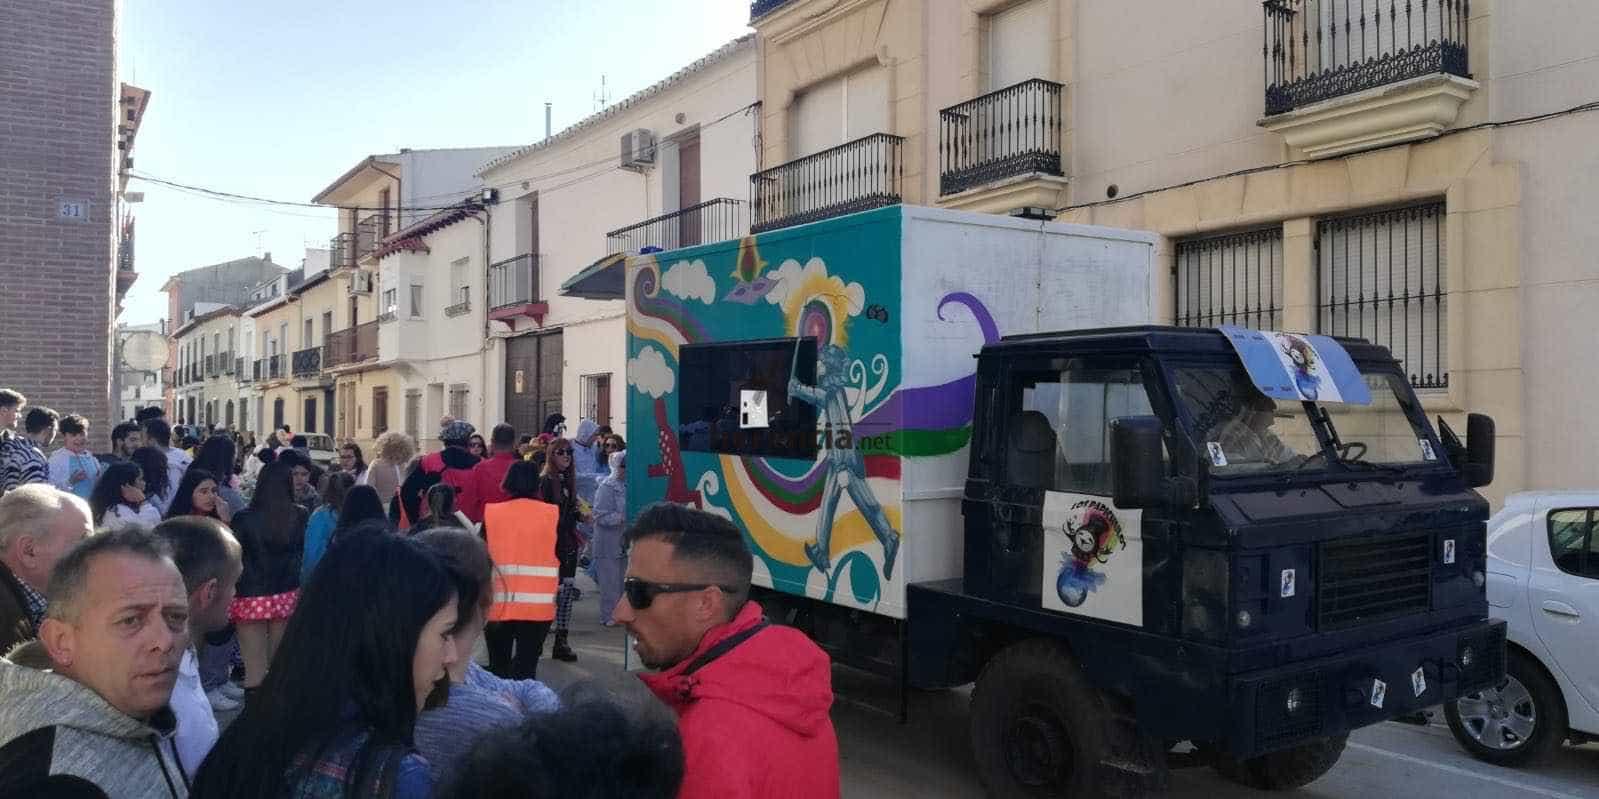 Carnaval herencia 2020 pasacalles domingo deseosas 28 - El Domingo de las Deseosas invita a todo el mundo al Carnaval de Herencia